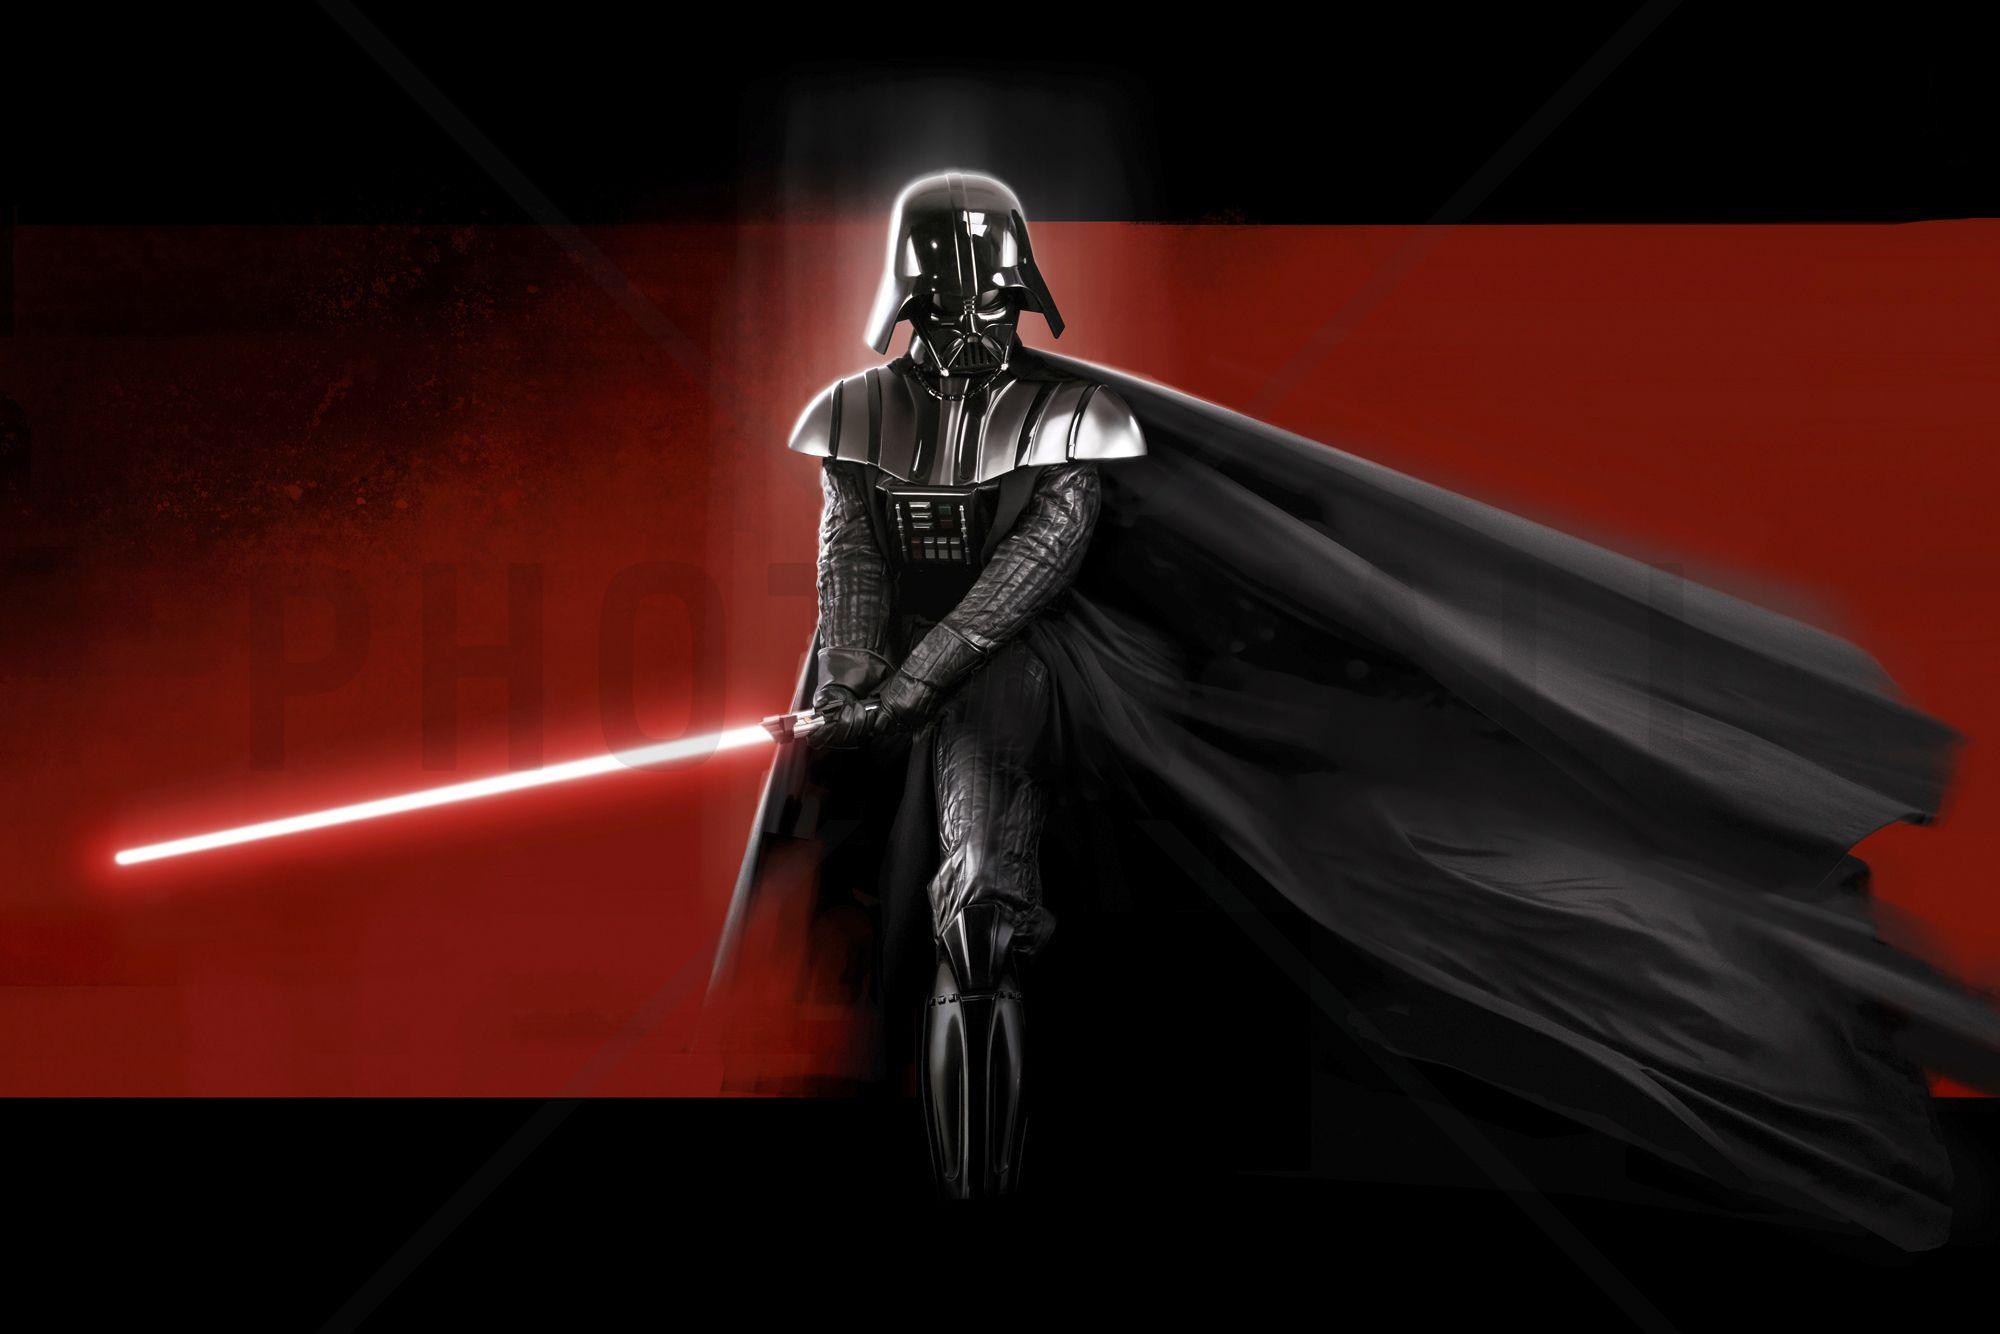 Star Wars Darth Vader Red Wall Mural Photo Wallpaper Darth Vader Wallpaper Star Destroyer Wallpaper Star Wars Room